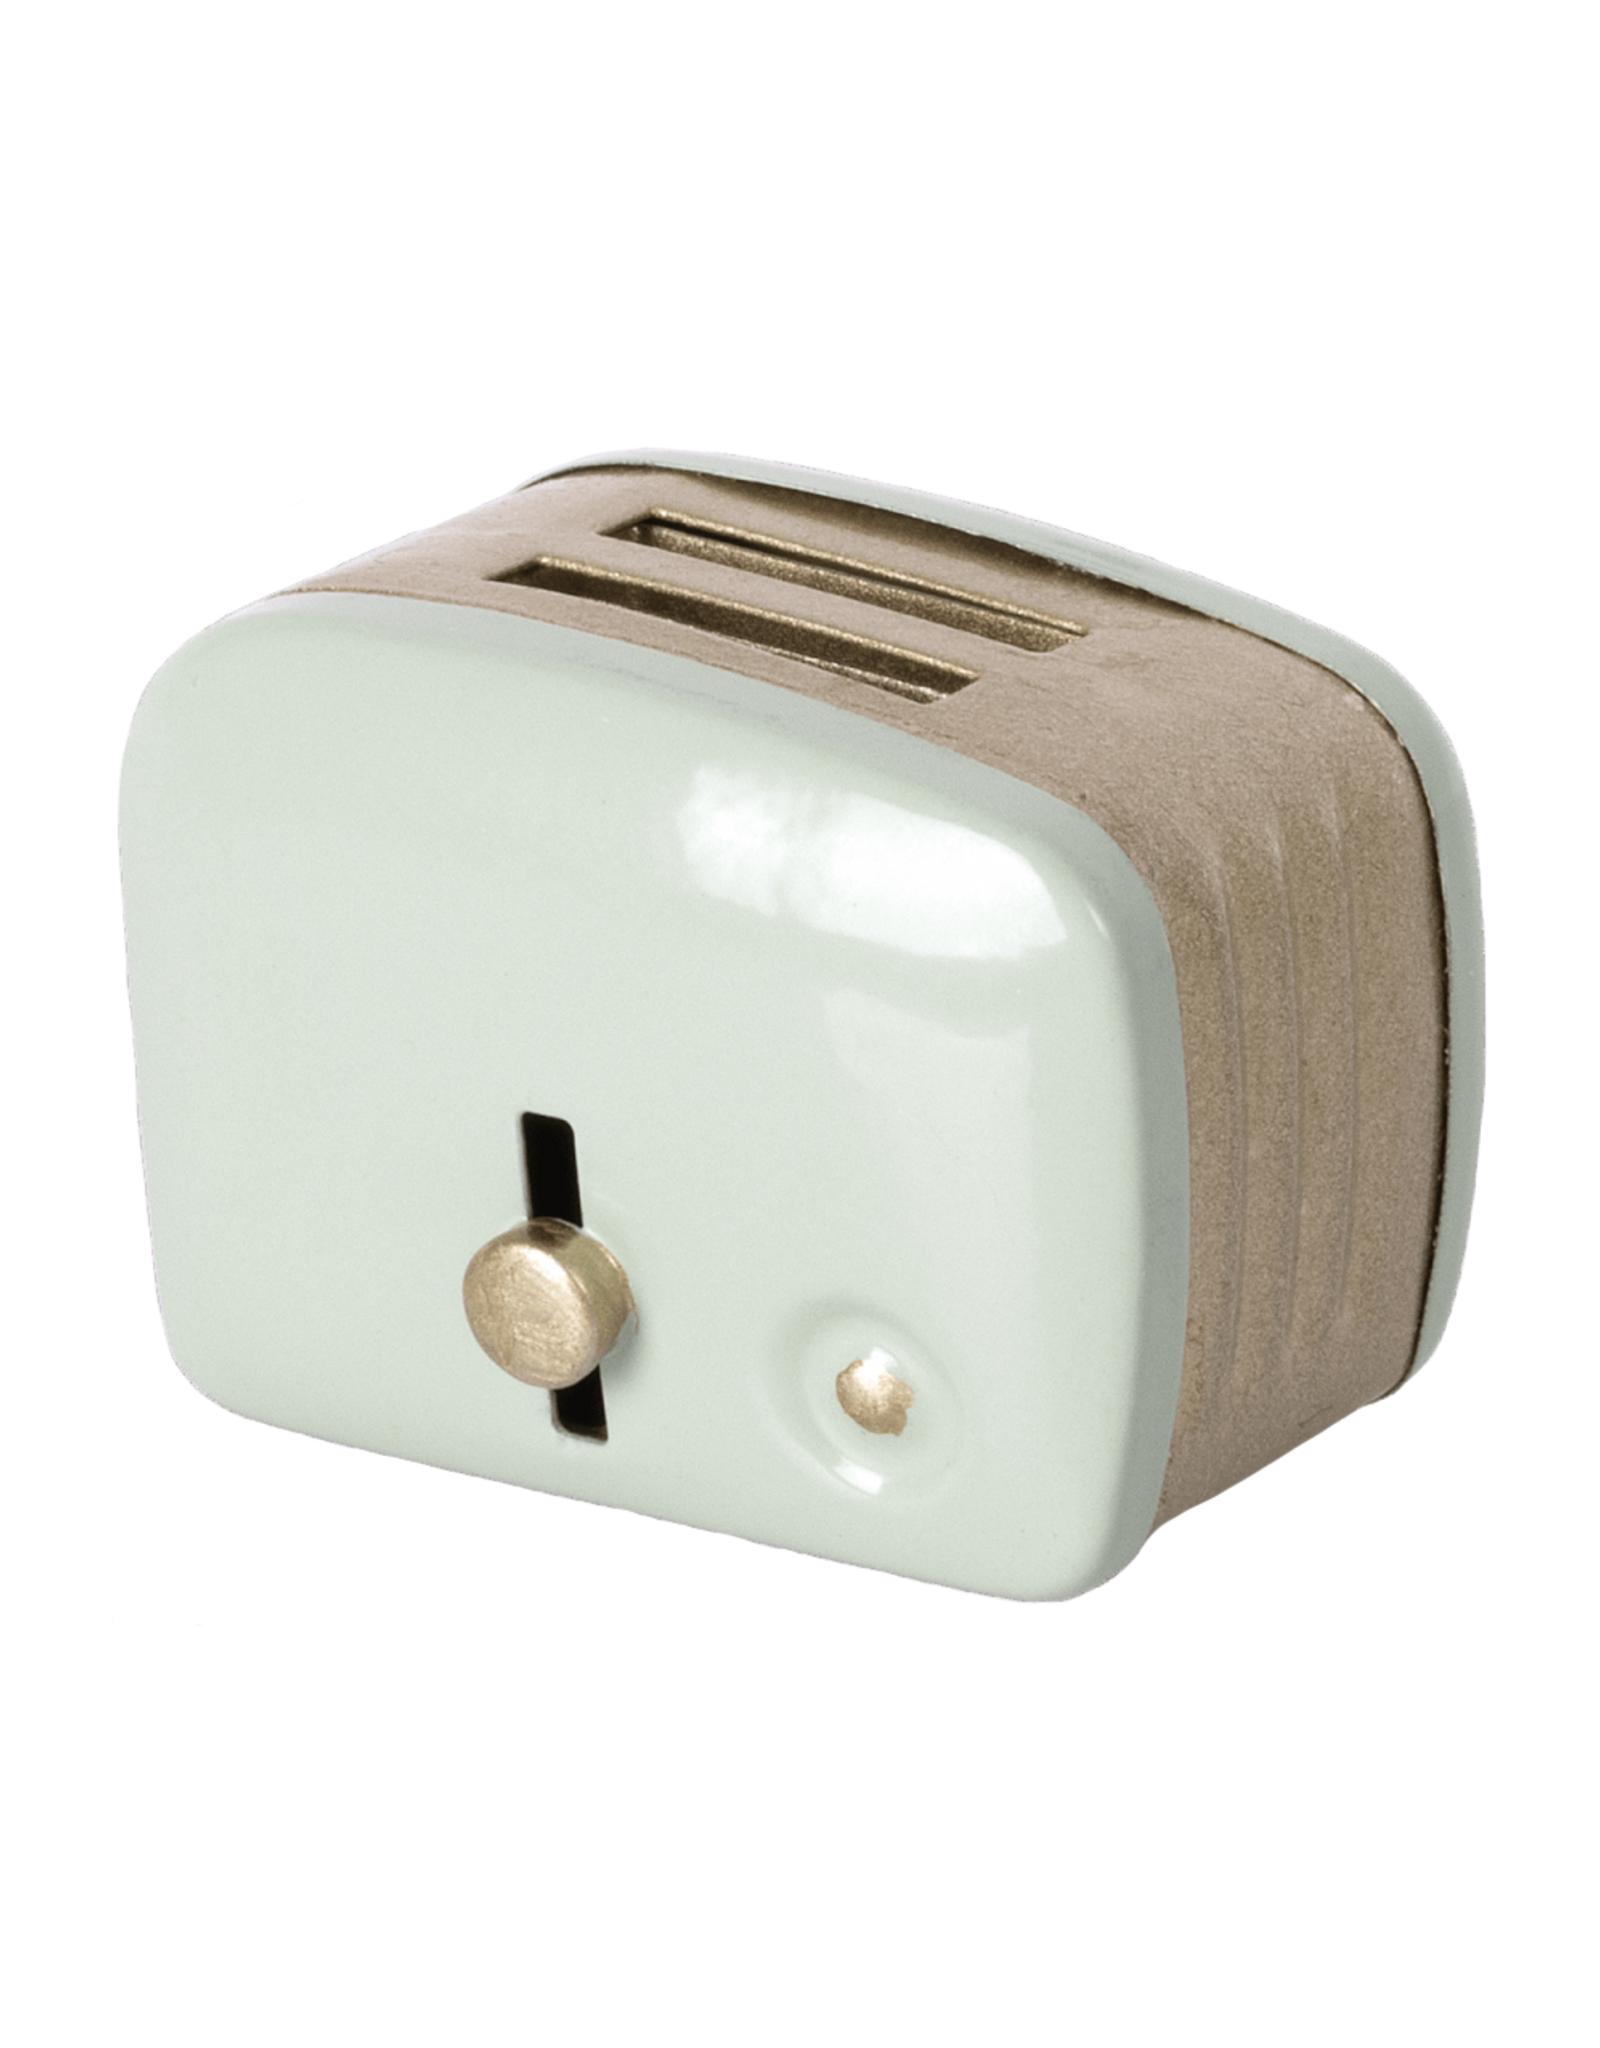 Maileg Miniature Toaster + Toast - Mint